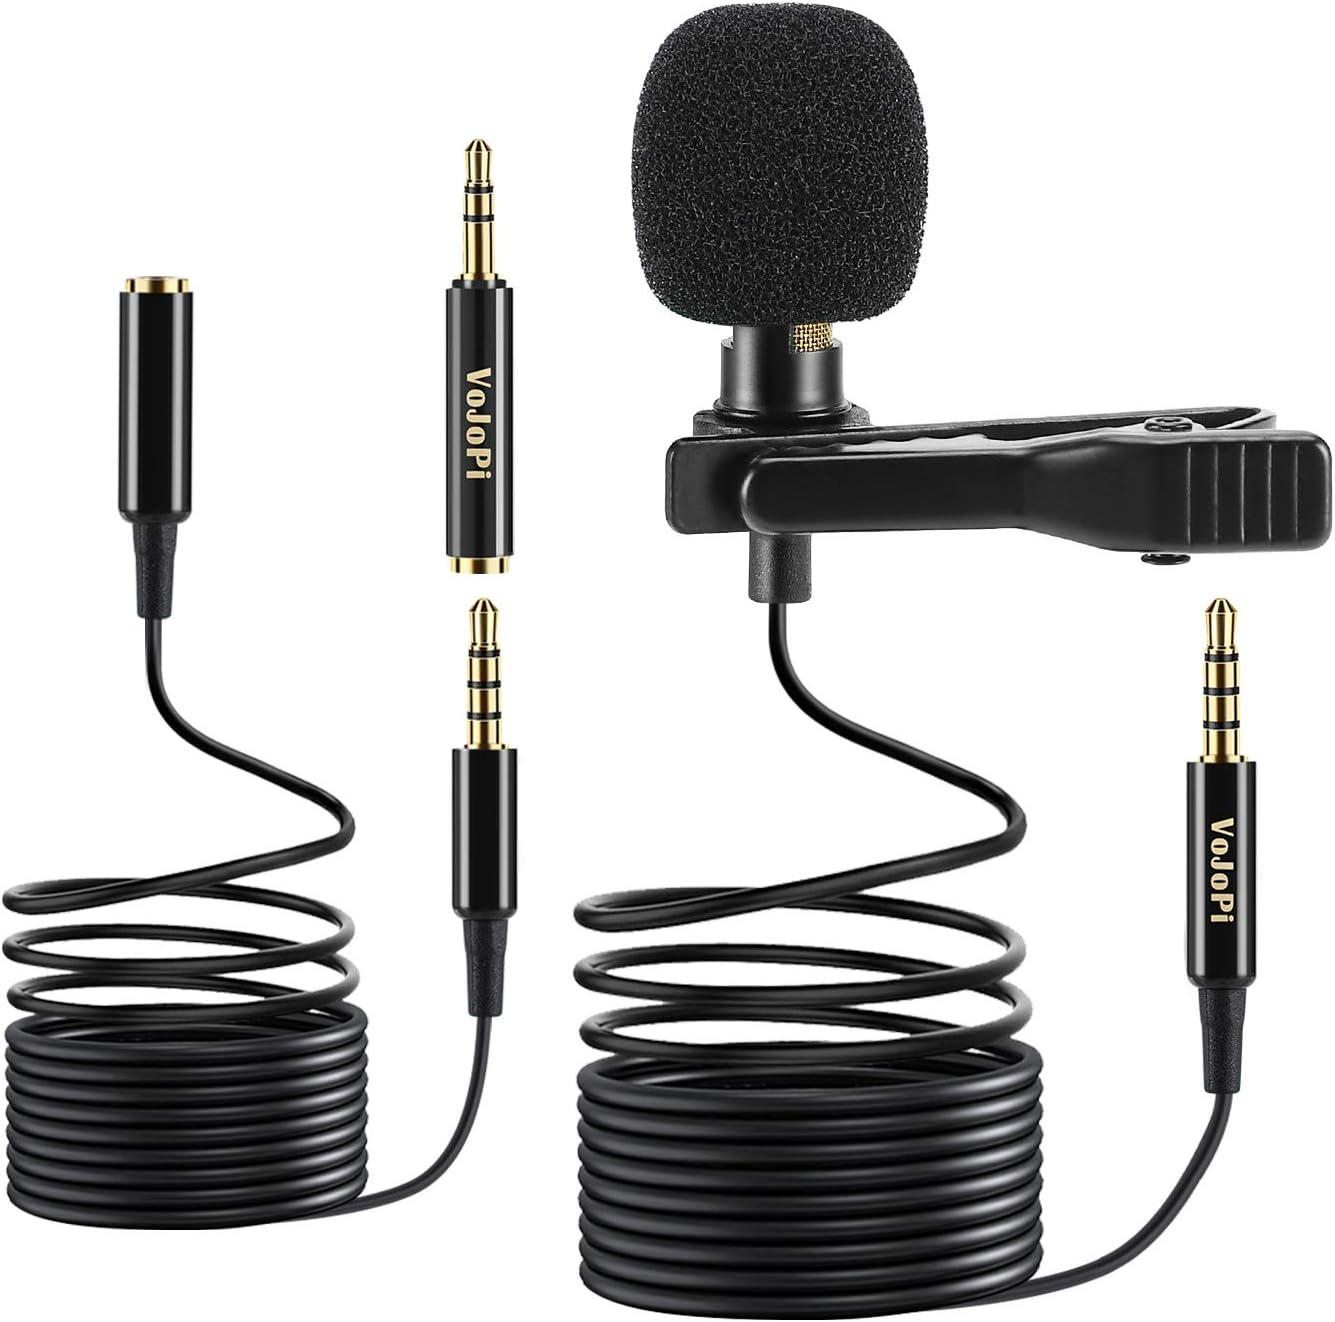 VoJoPi Microfono Solapa, Omnidireccional Lavalier Micrófono de Condensador con 2 m Audio Cable Extensión, Microfono Movil para Podcast/Grabación Entrevista/Videoconferencia/Dicción de Voz/Movil